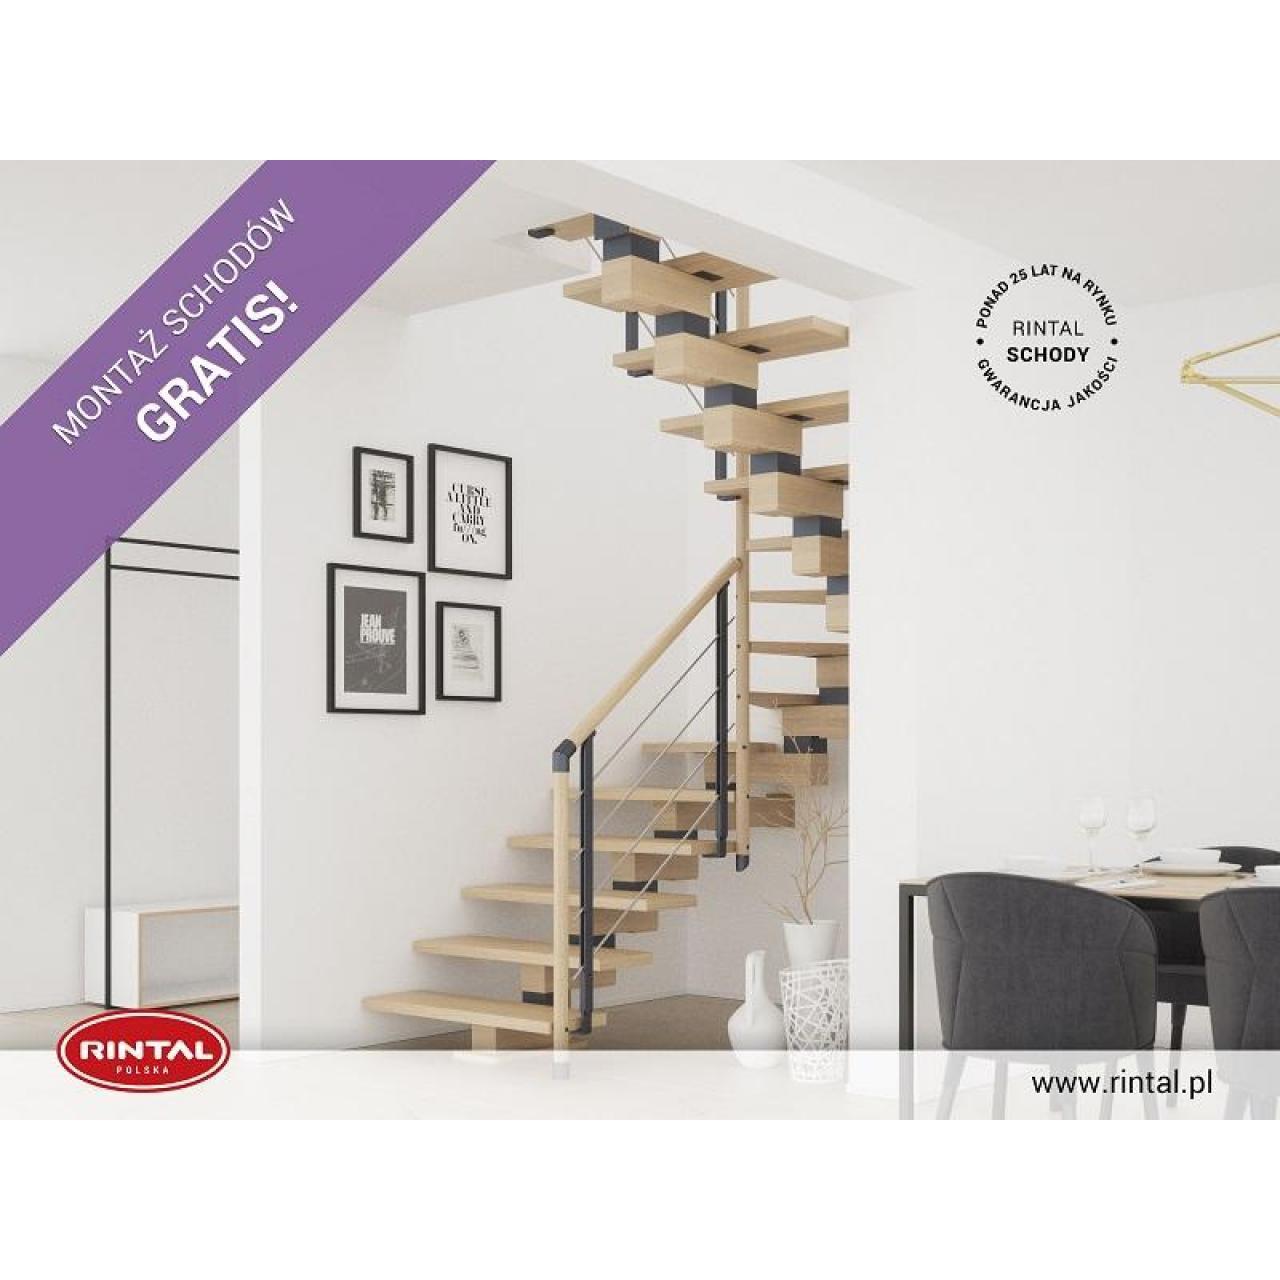 Schody Rintal we wrześniu montaż schodów gratis